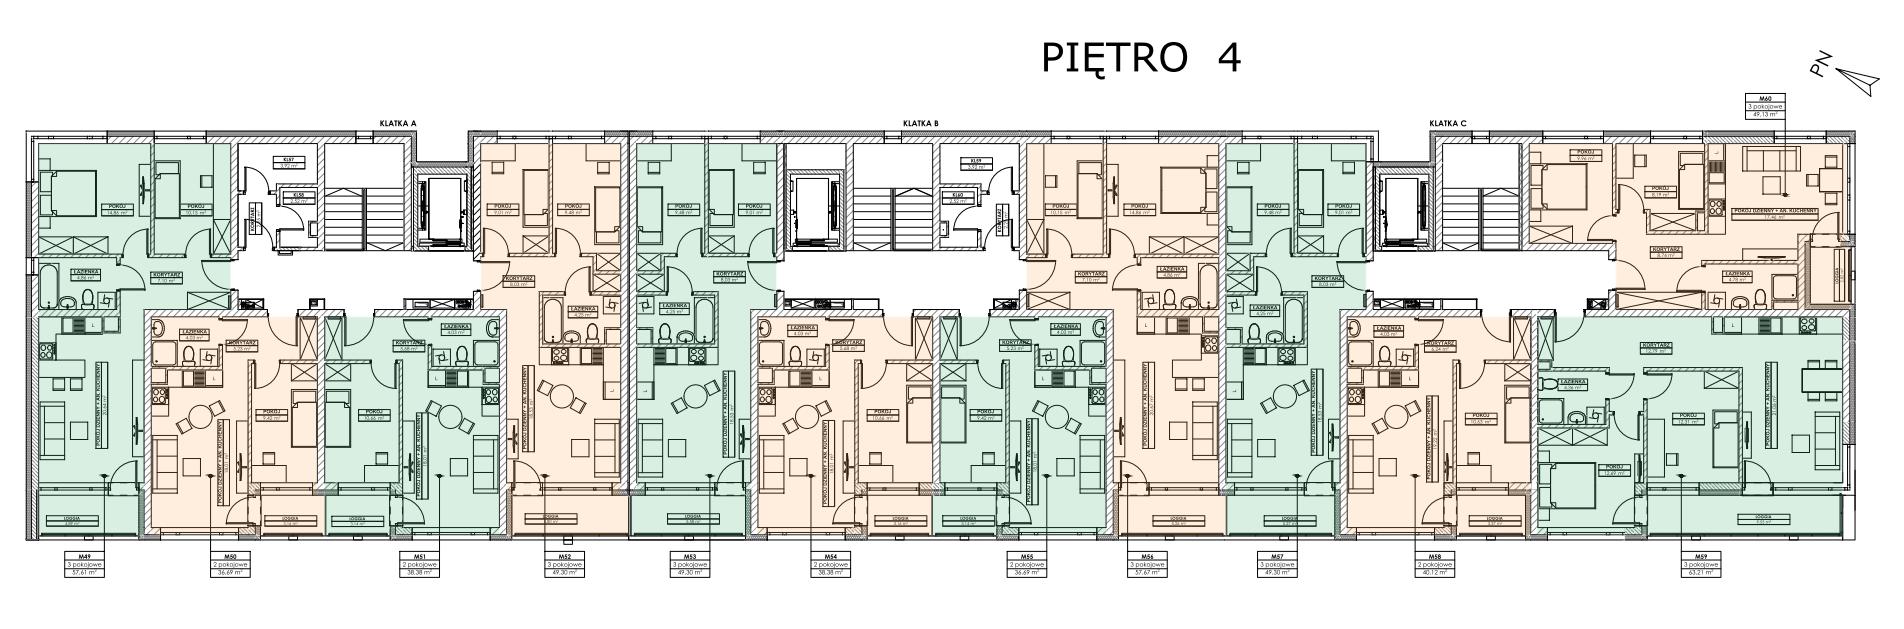 piętro4